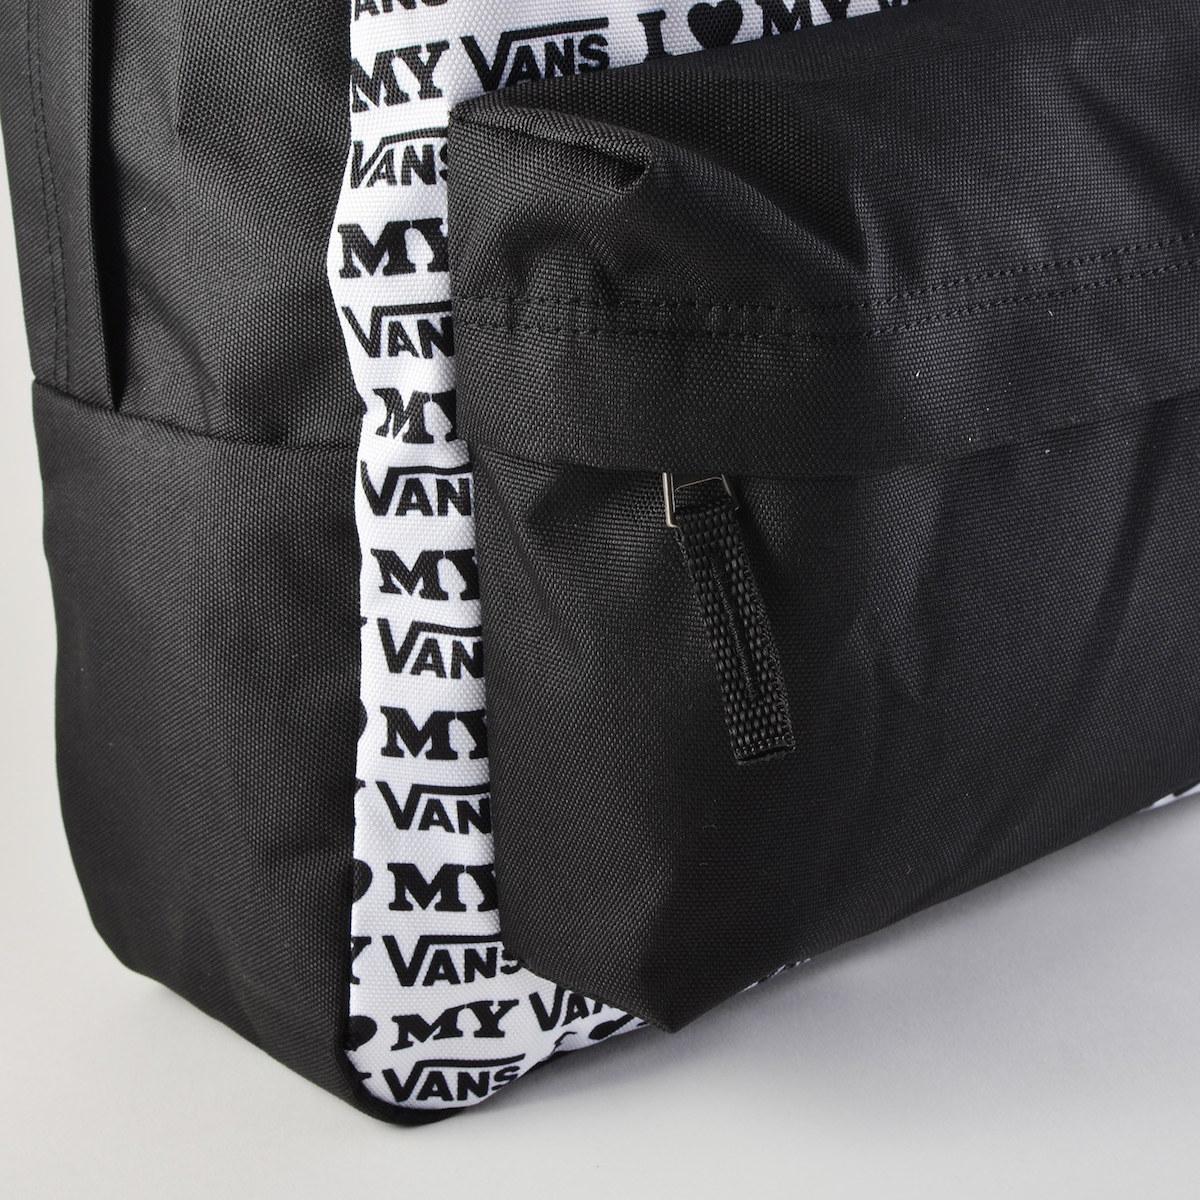 c8af0d7a1ea Vans Realm Backpack VA3UI6UVP - Skroutz.gr